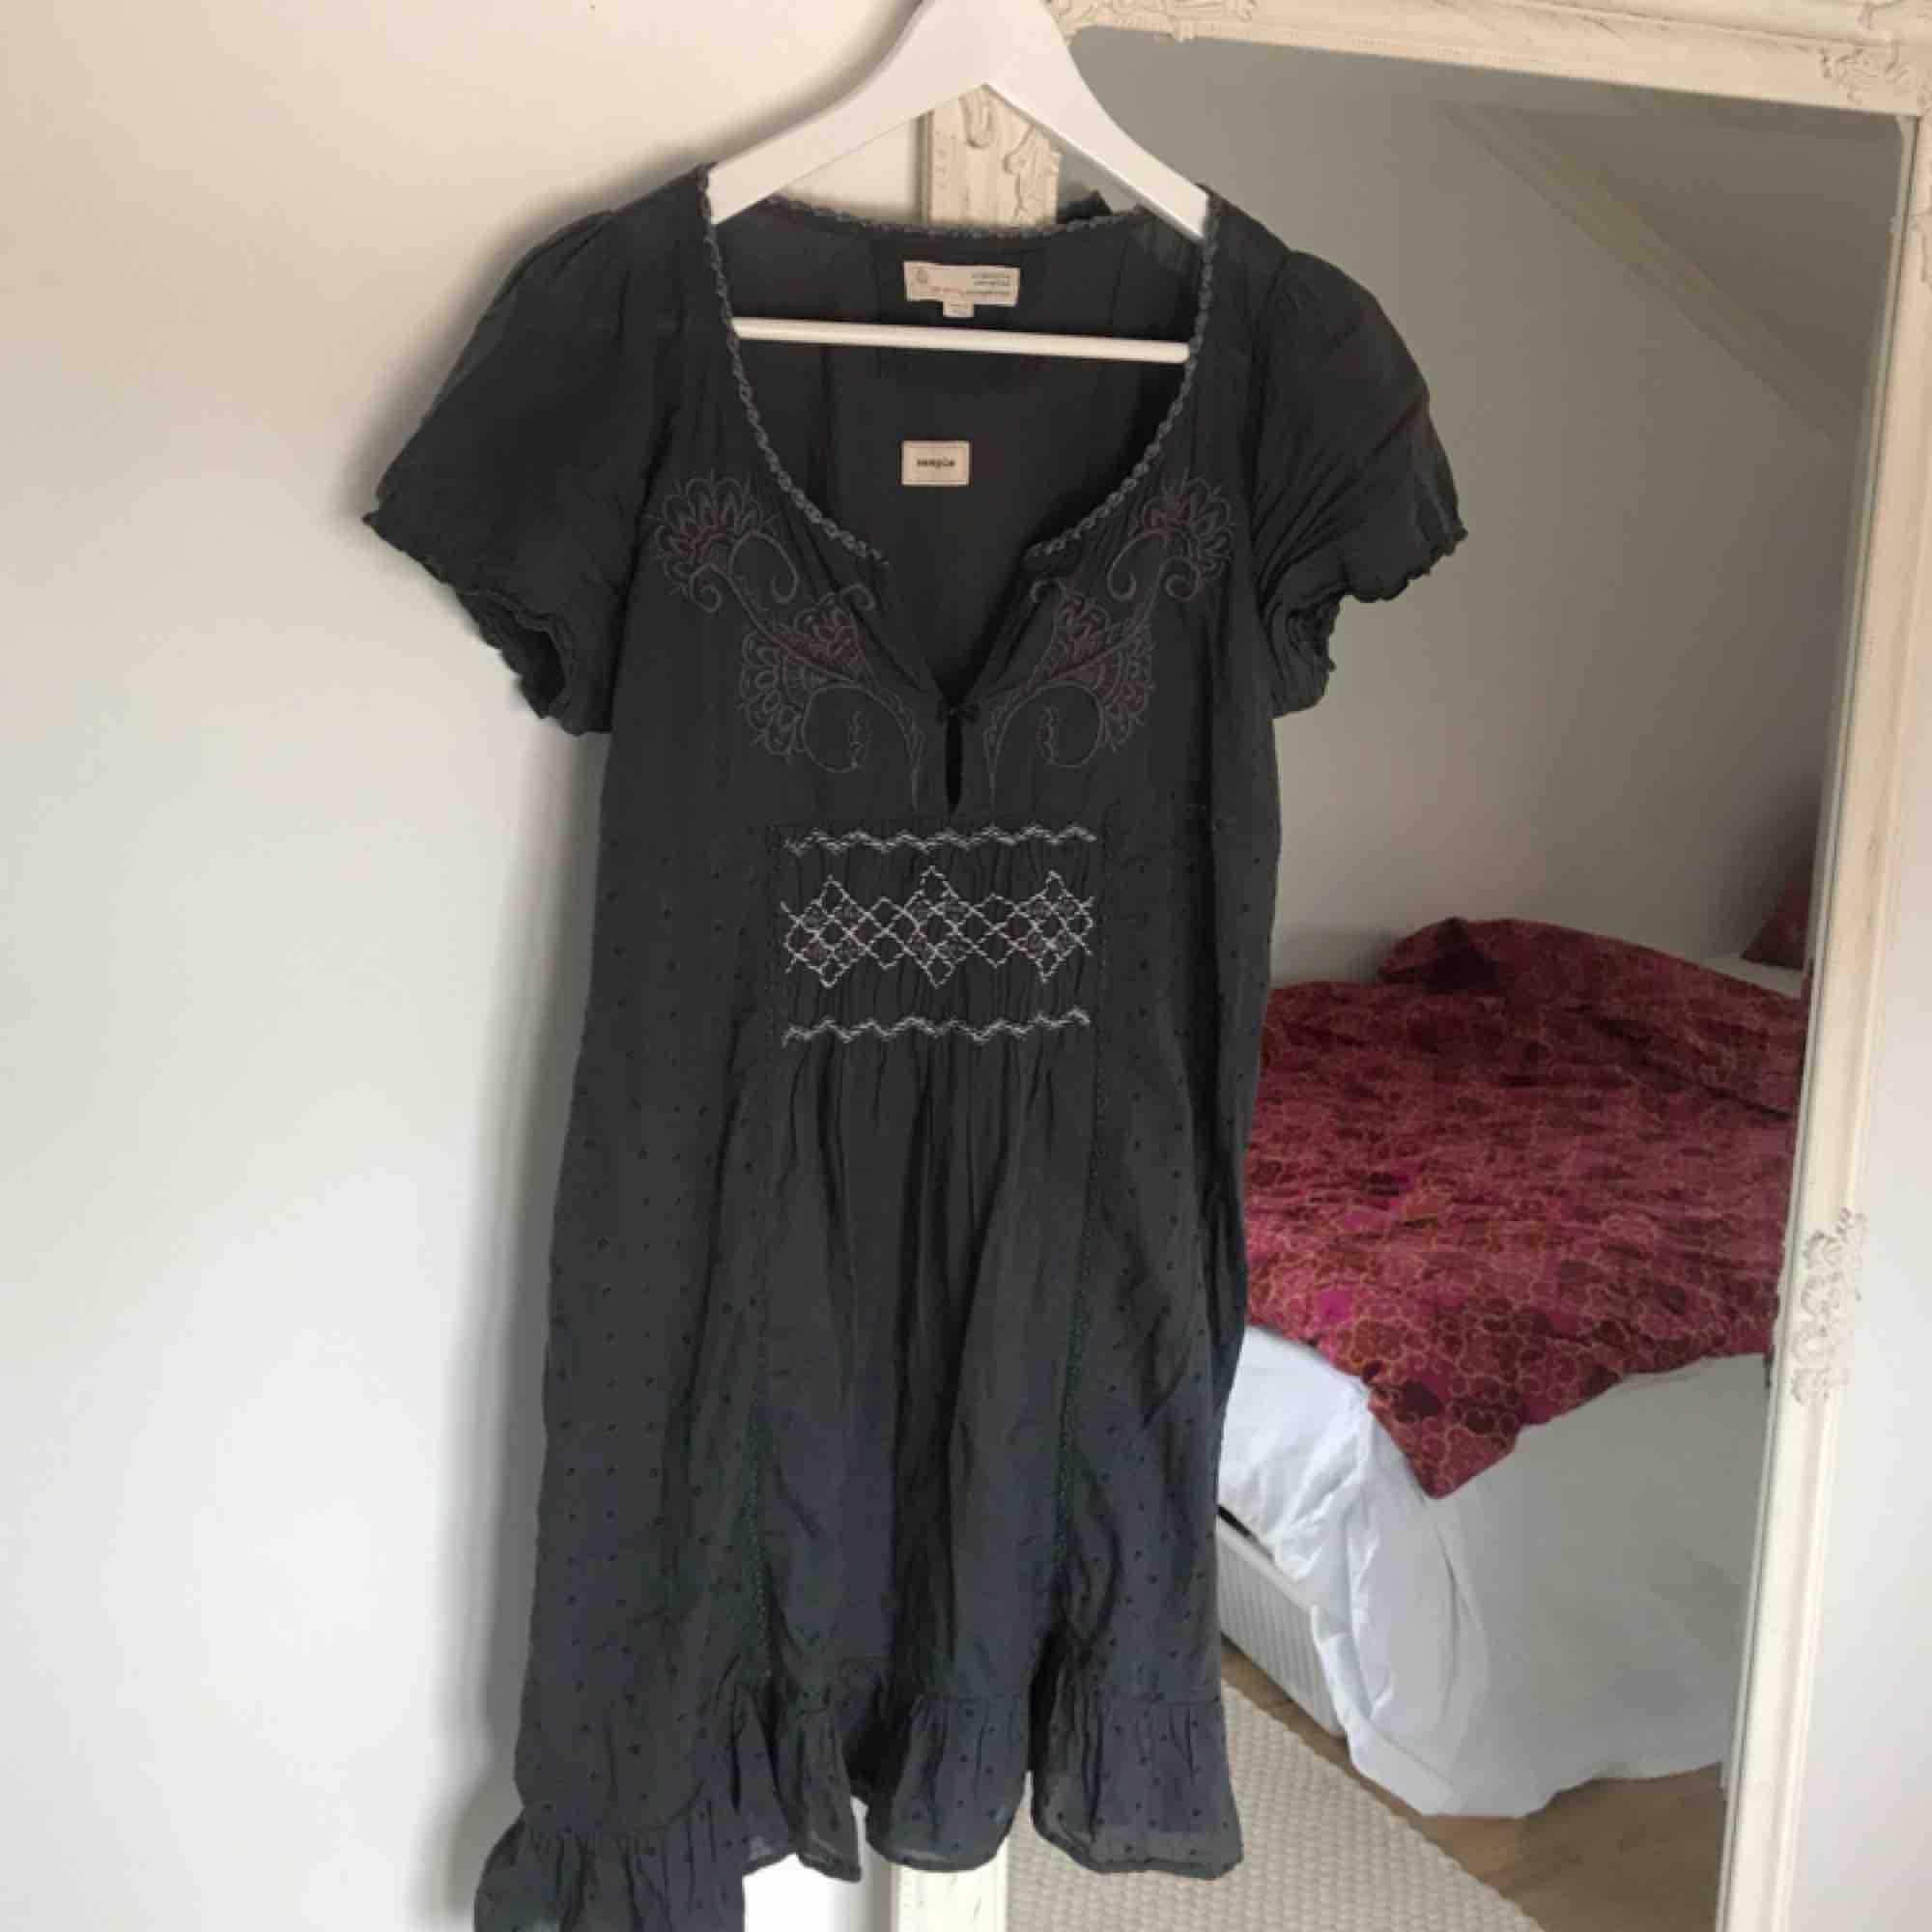 fdfe1f330f84 Grå klänning från märket Odd Molly - Odd Molly Klänningar - Second Hand